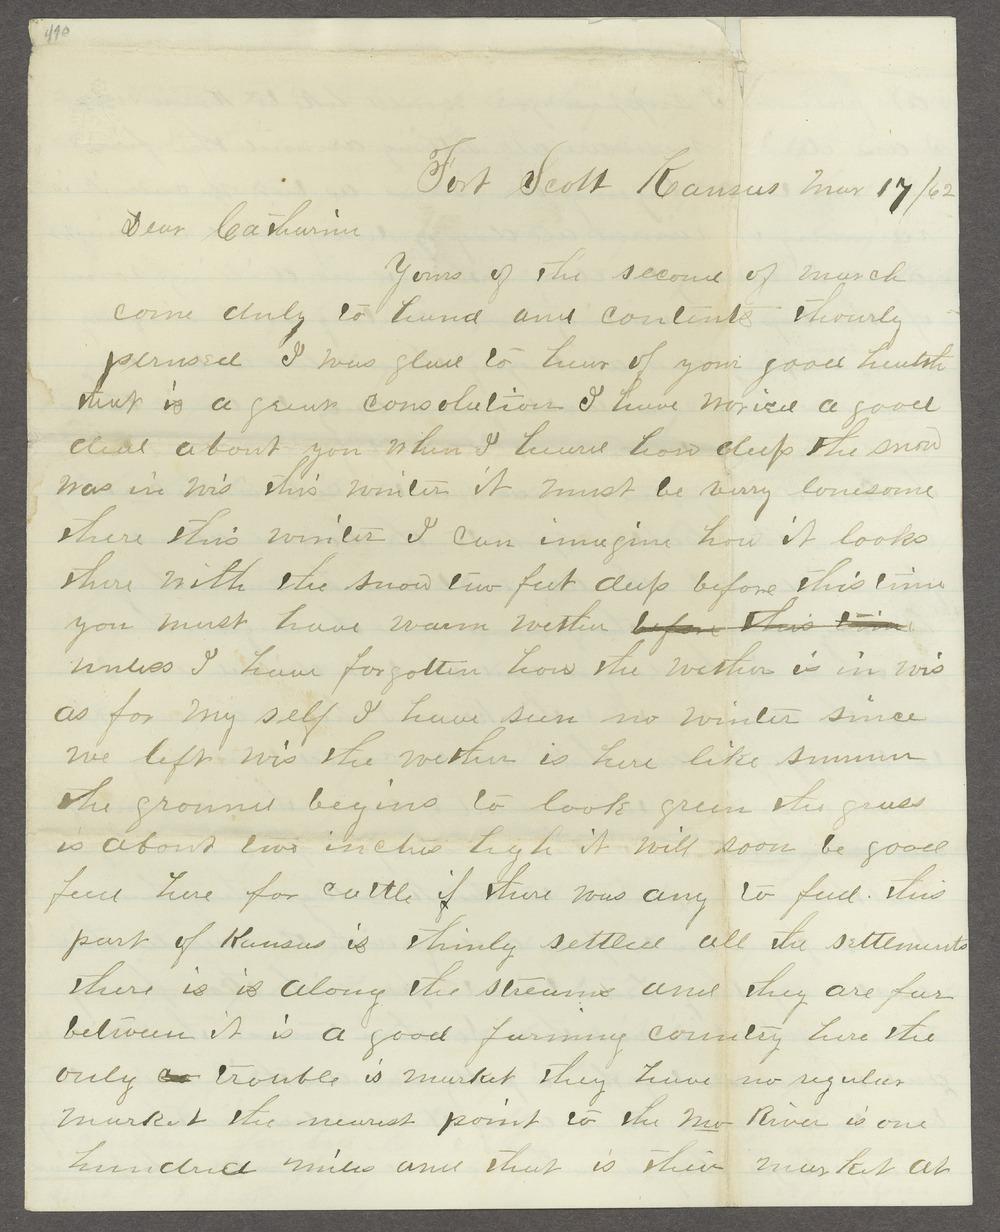 Aiken J. Sexton correspondence - 5